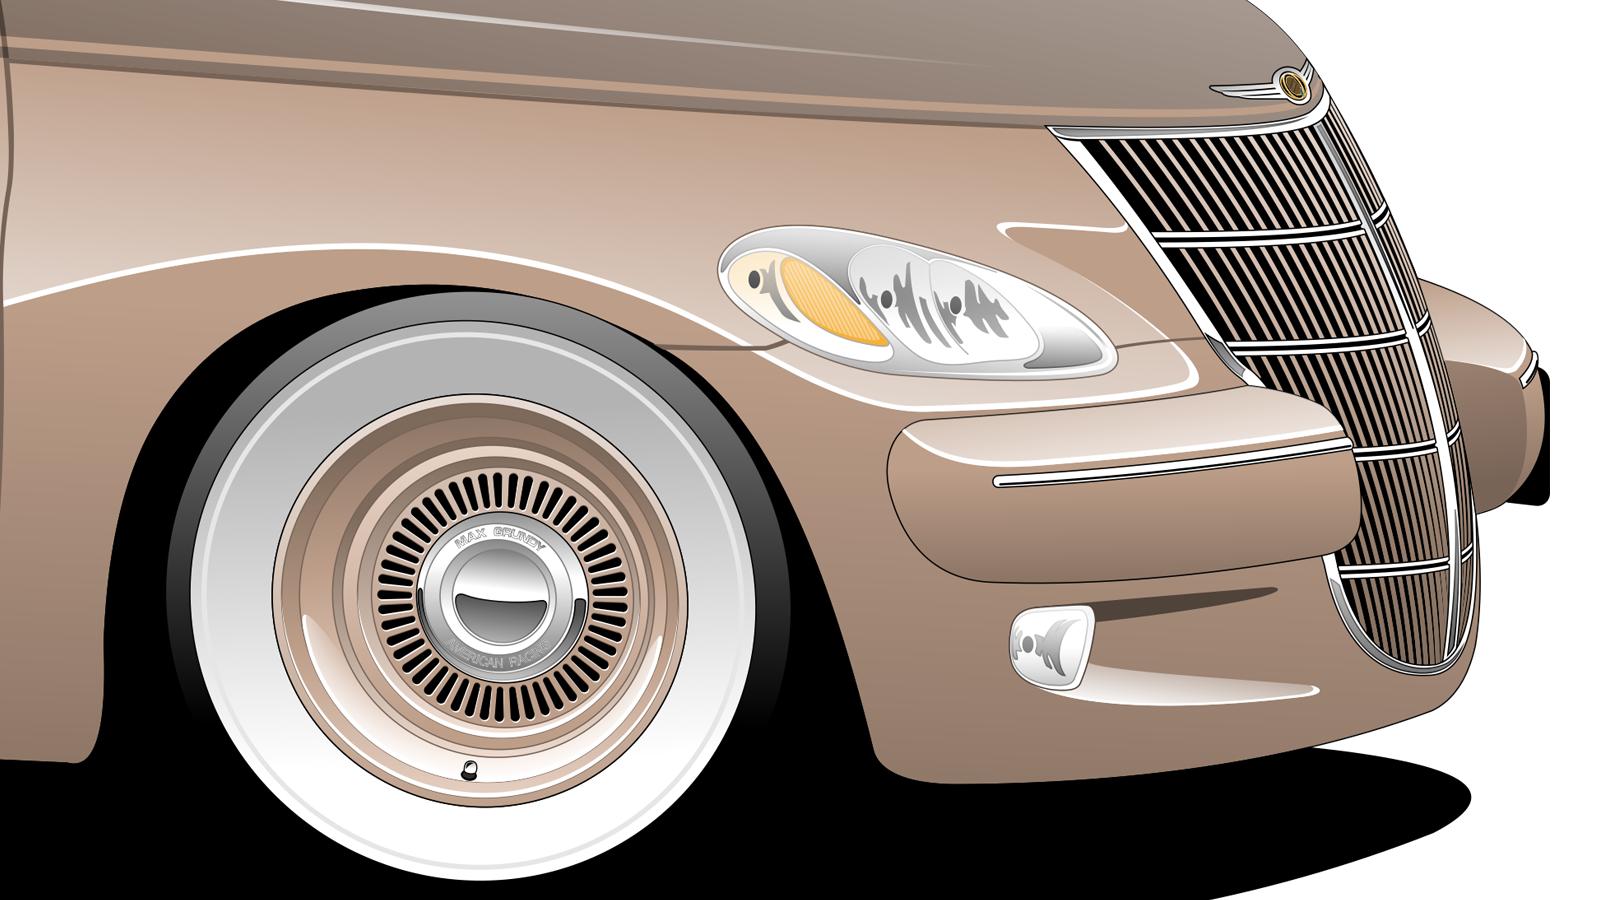 Imagem mostrando detalhes da frente do Chrysler PT Cruiser ''Retrovan''